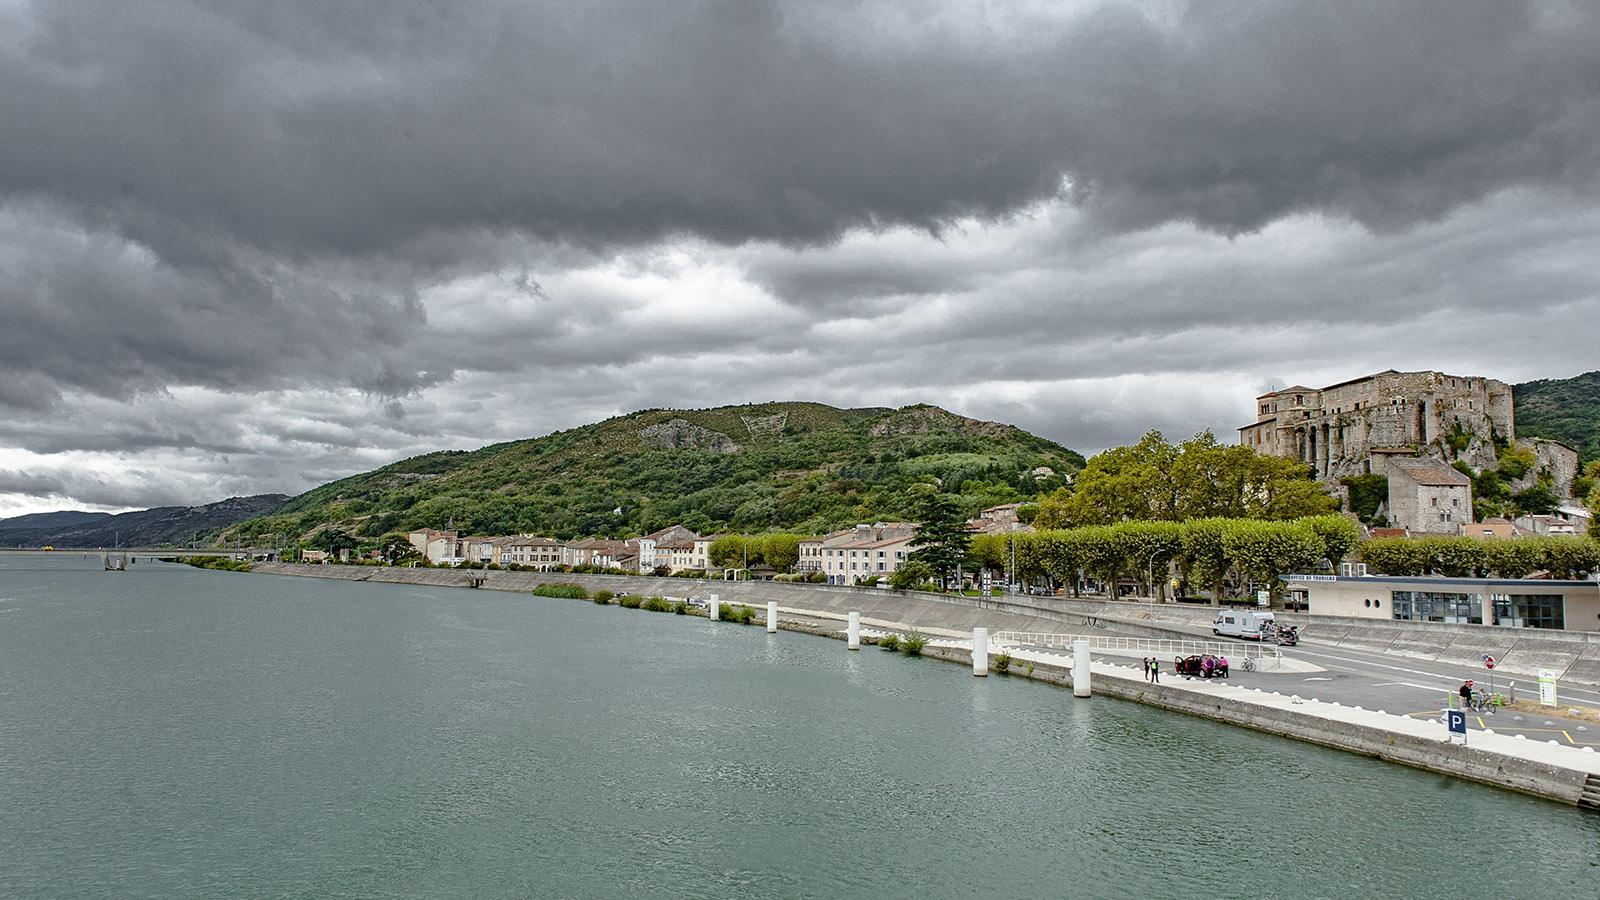 ViaRhôna: Blick von der Rhônebrücke auf La Voulte-sur-Rhône. Foto: Hilke Maunder